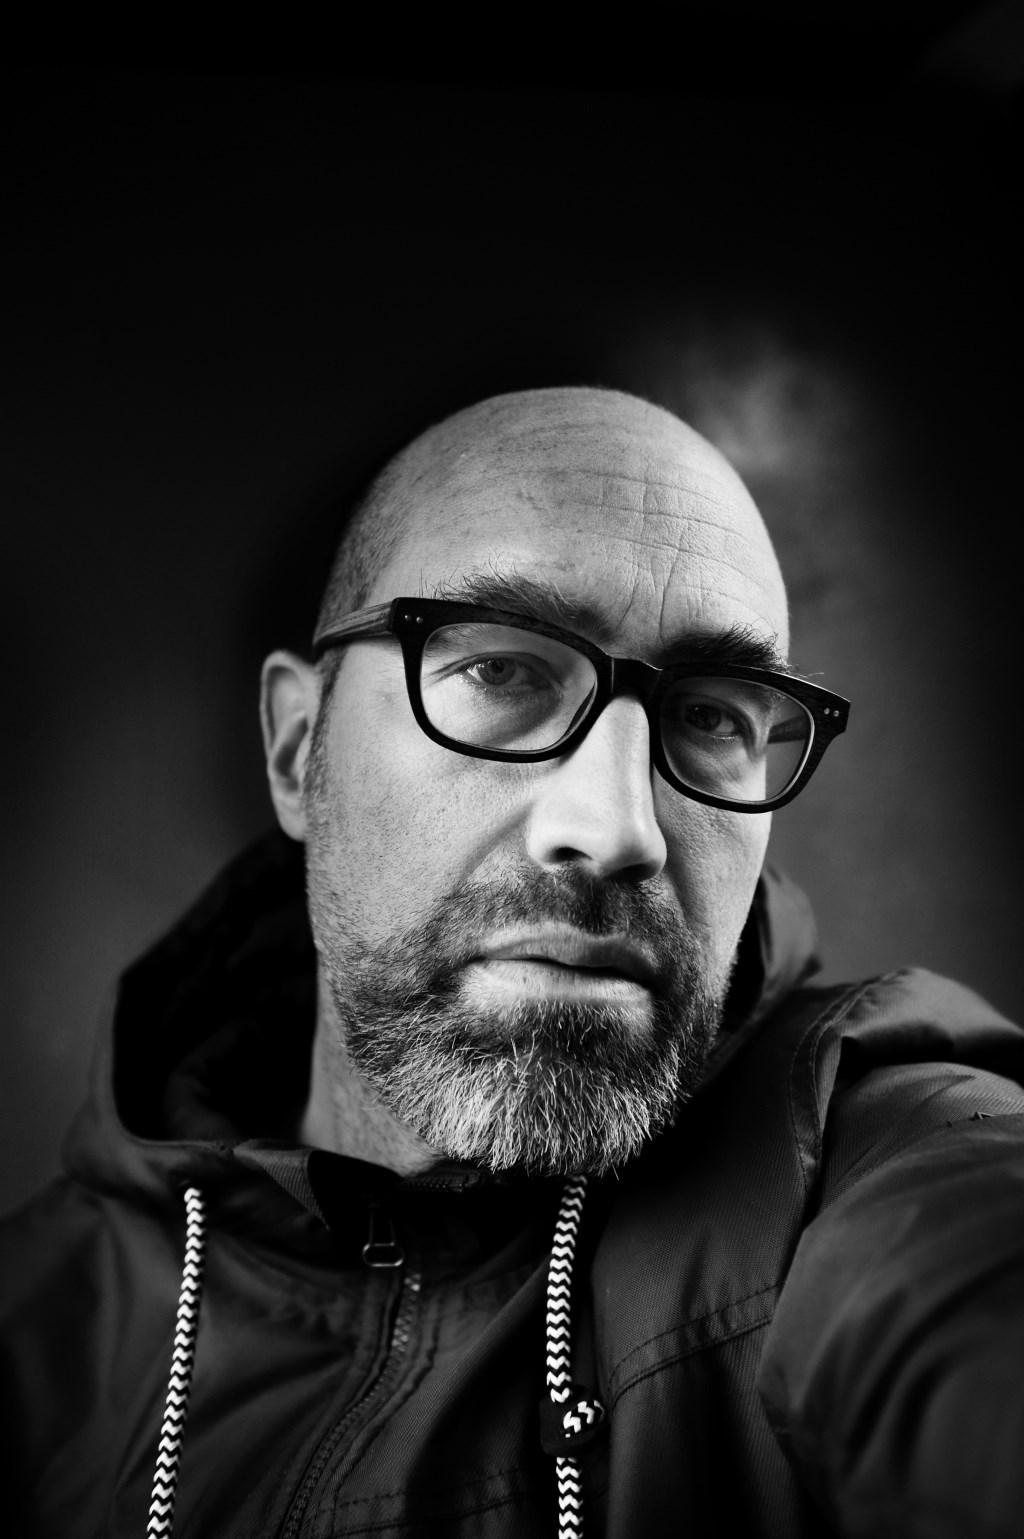 Portretfotograaf Duco de Vries. (Foto: Duco de Vries) © rodi